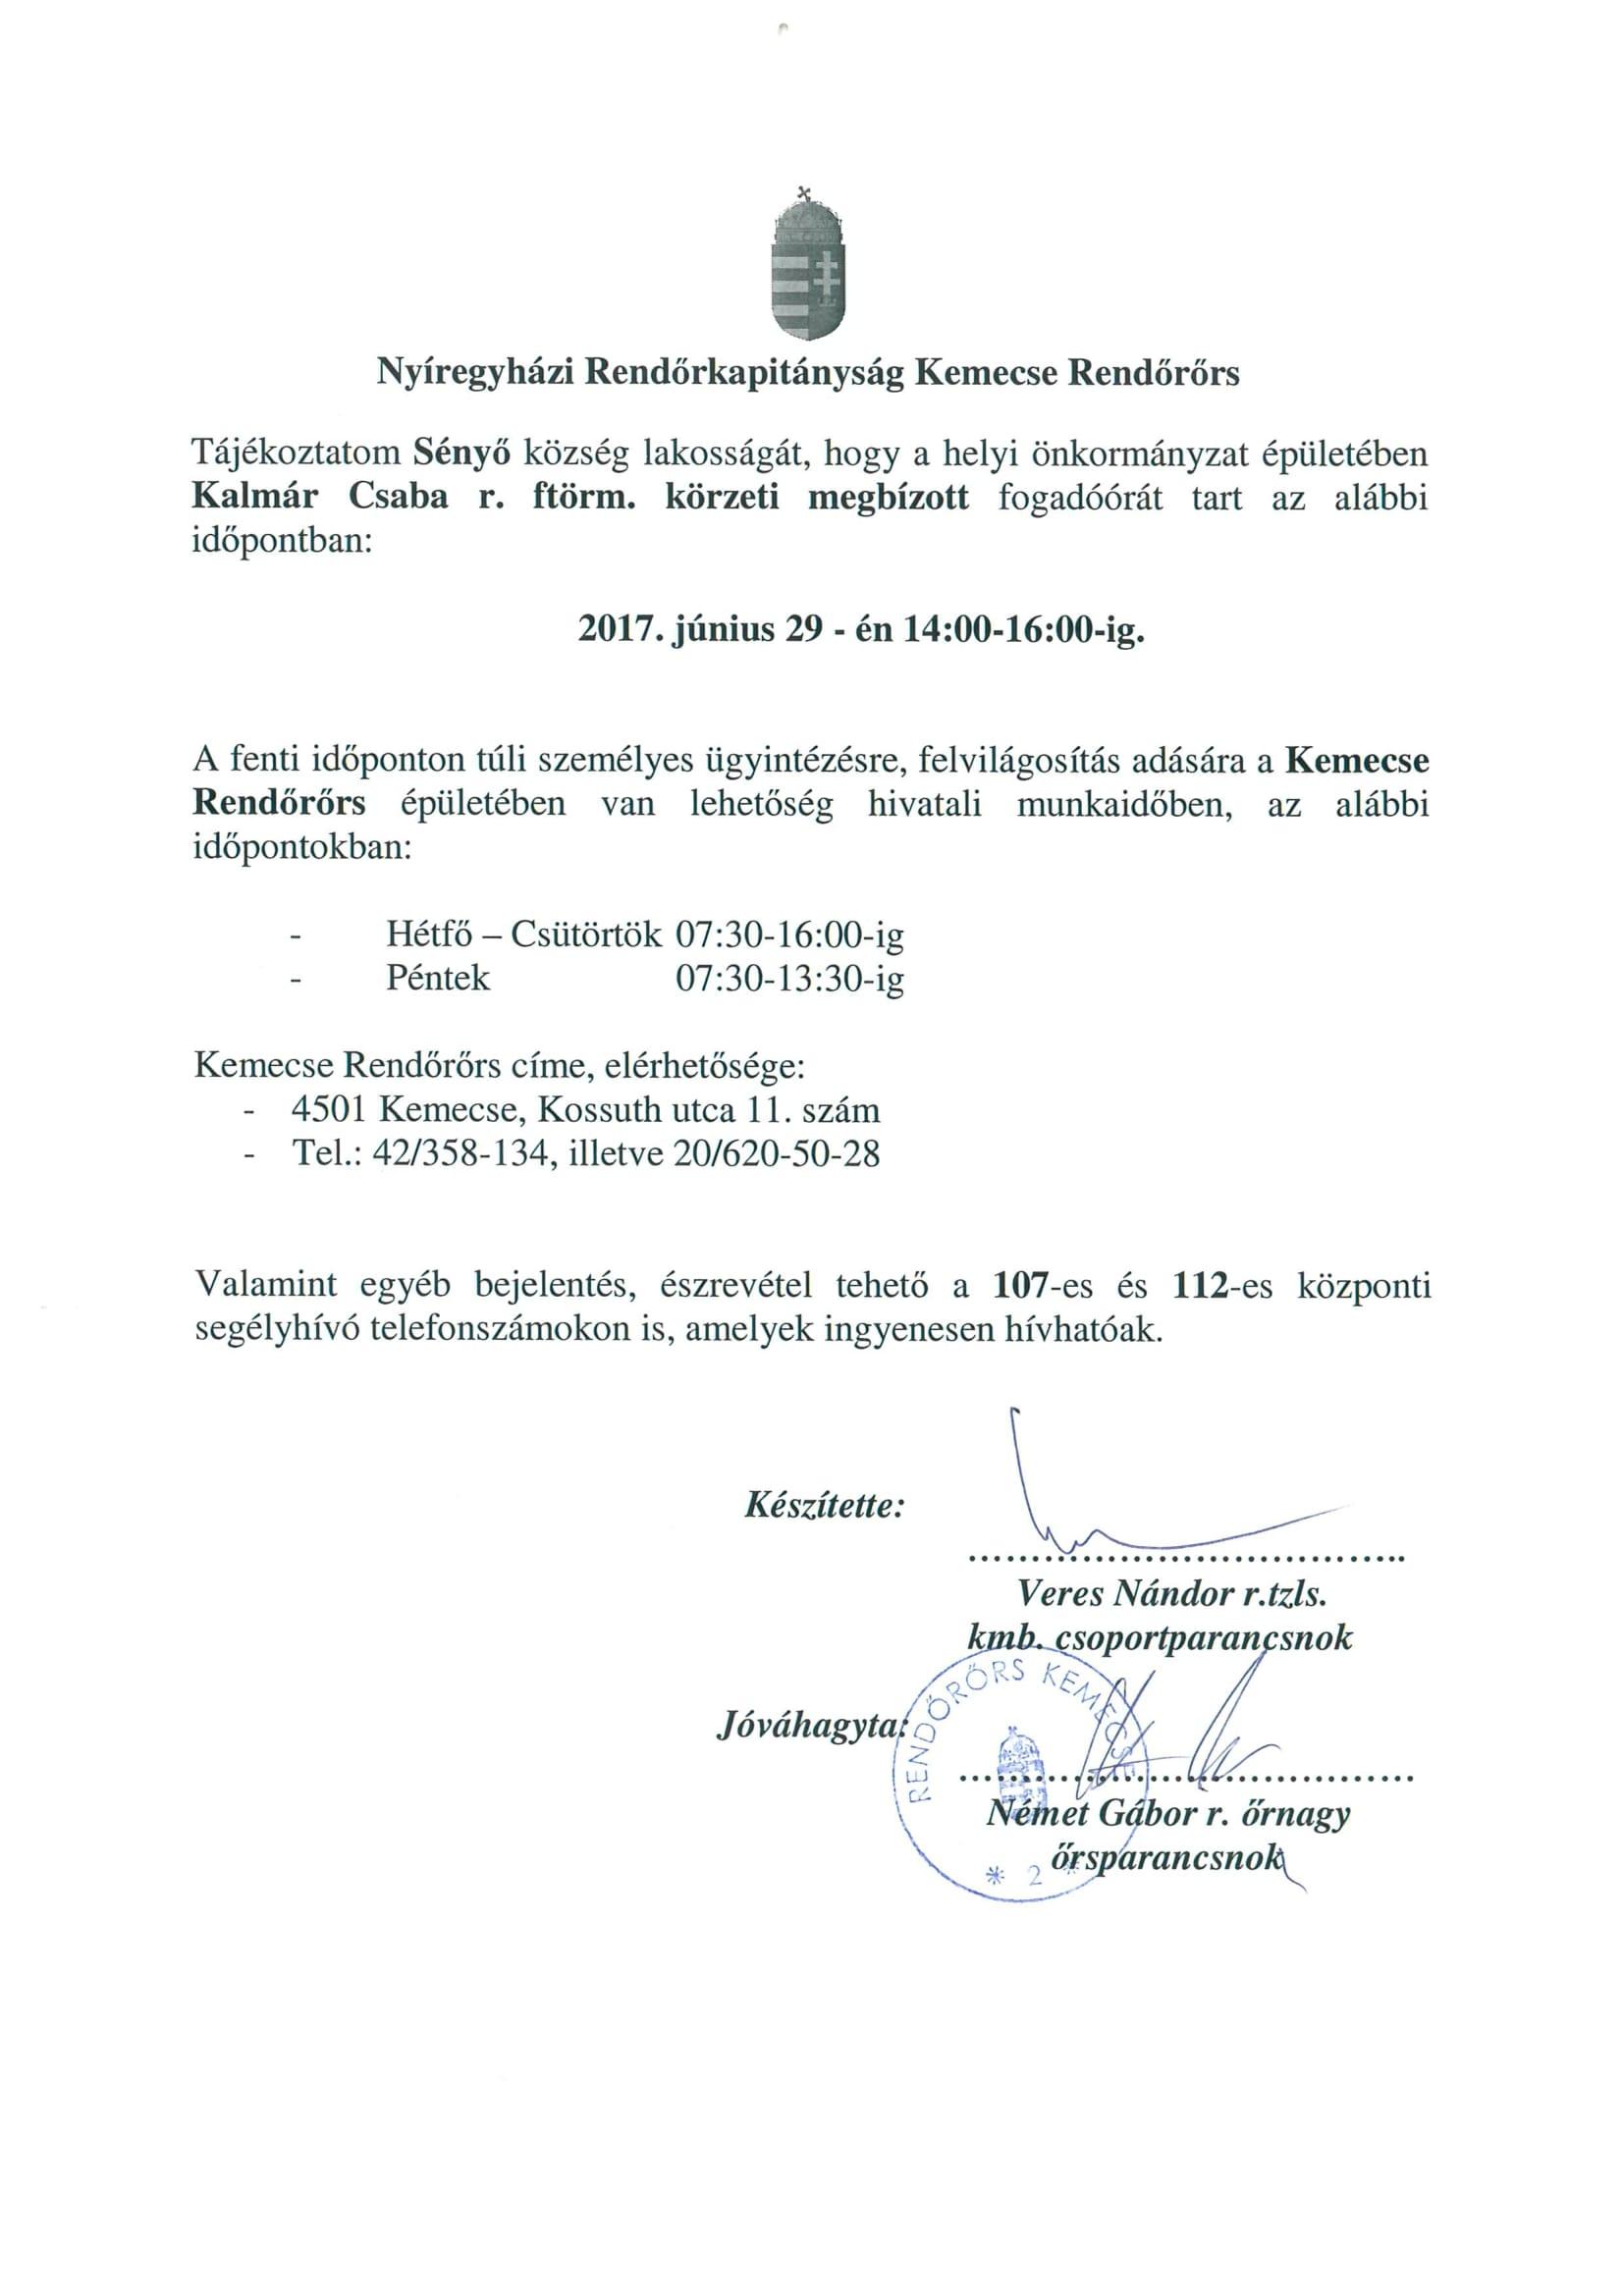 Tájékoztatás 0629-1